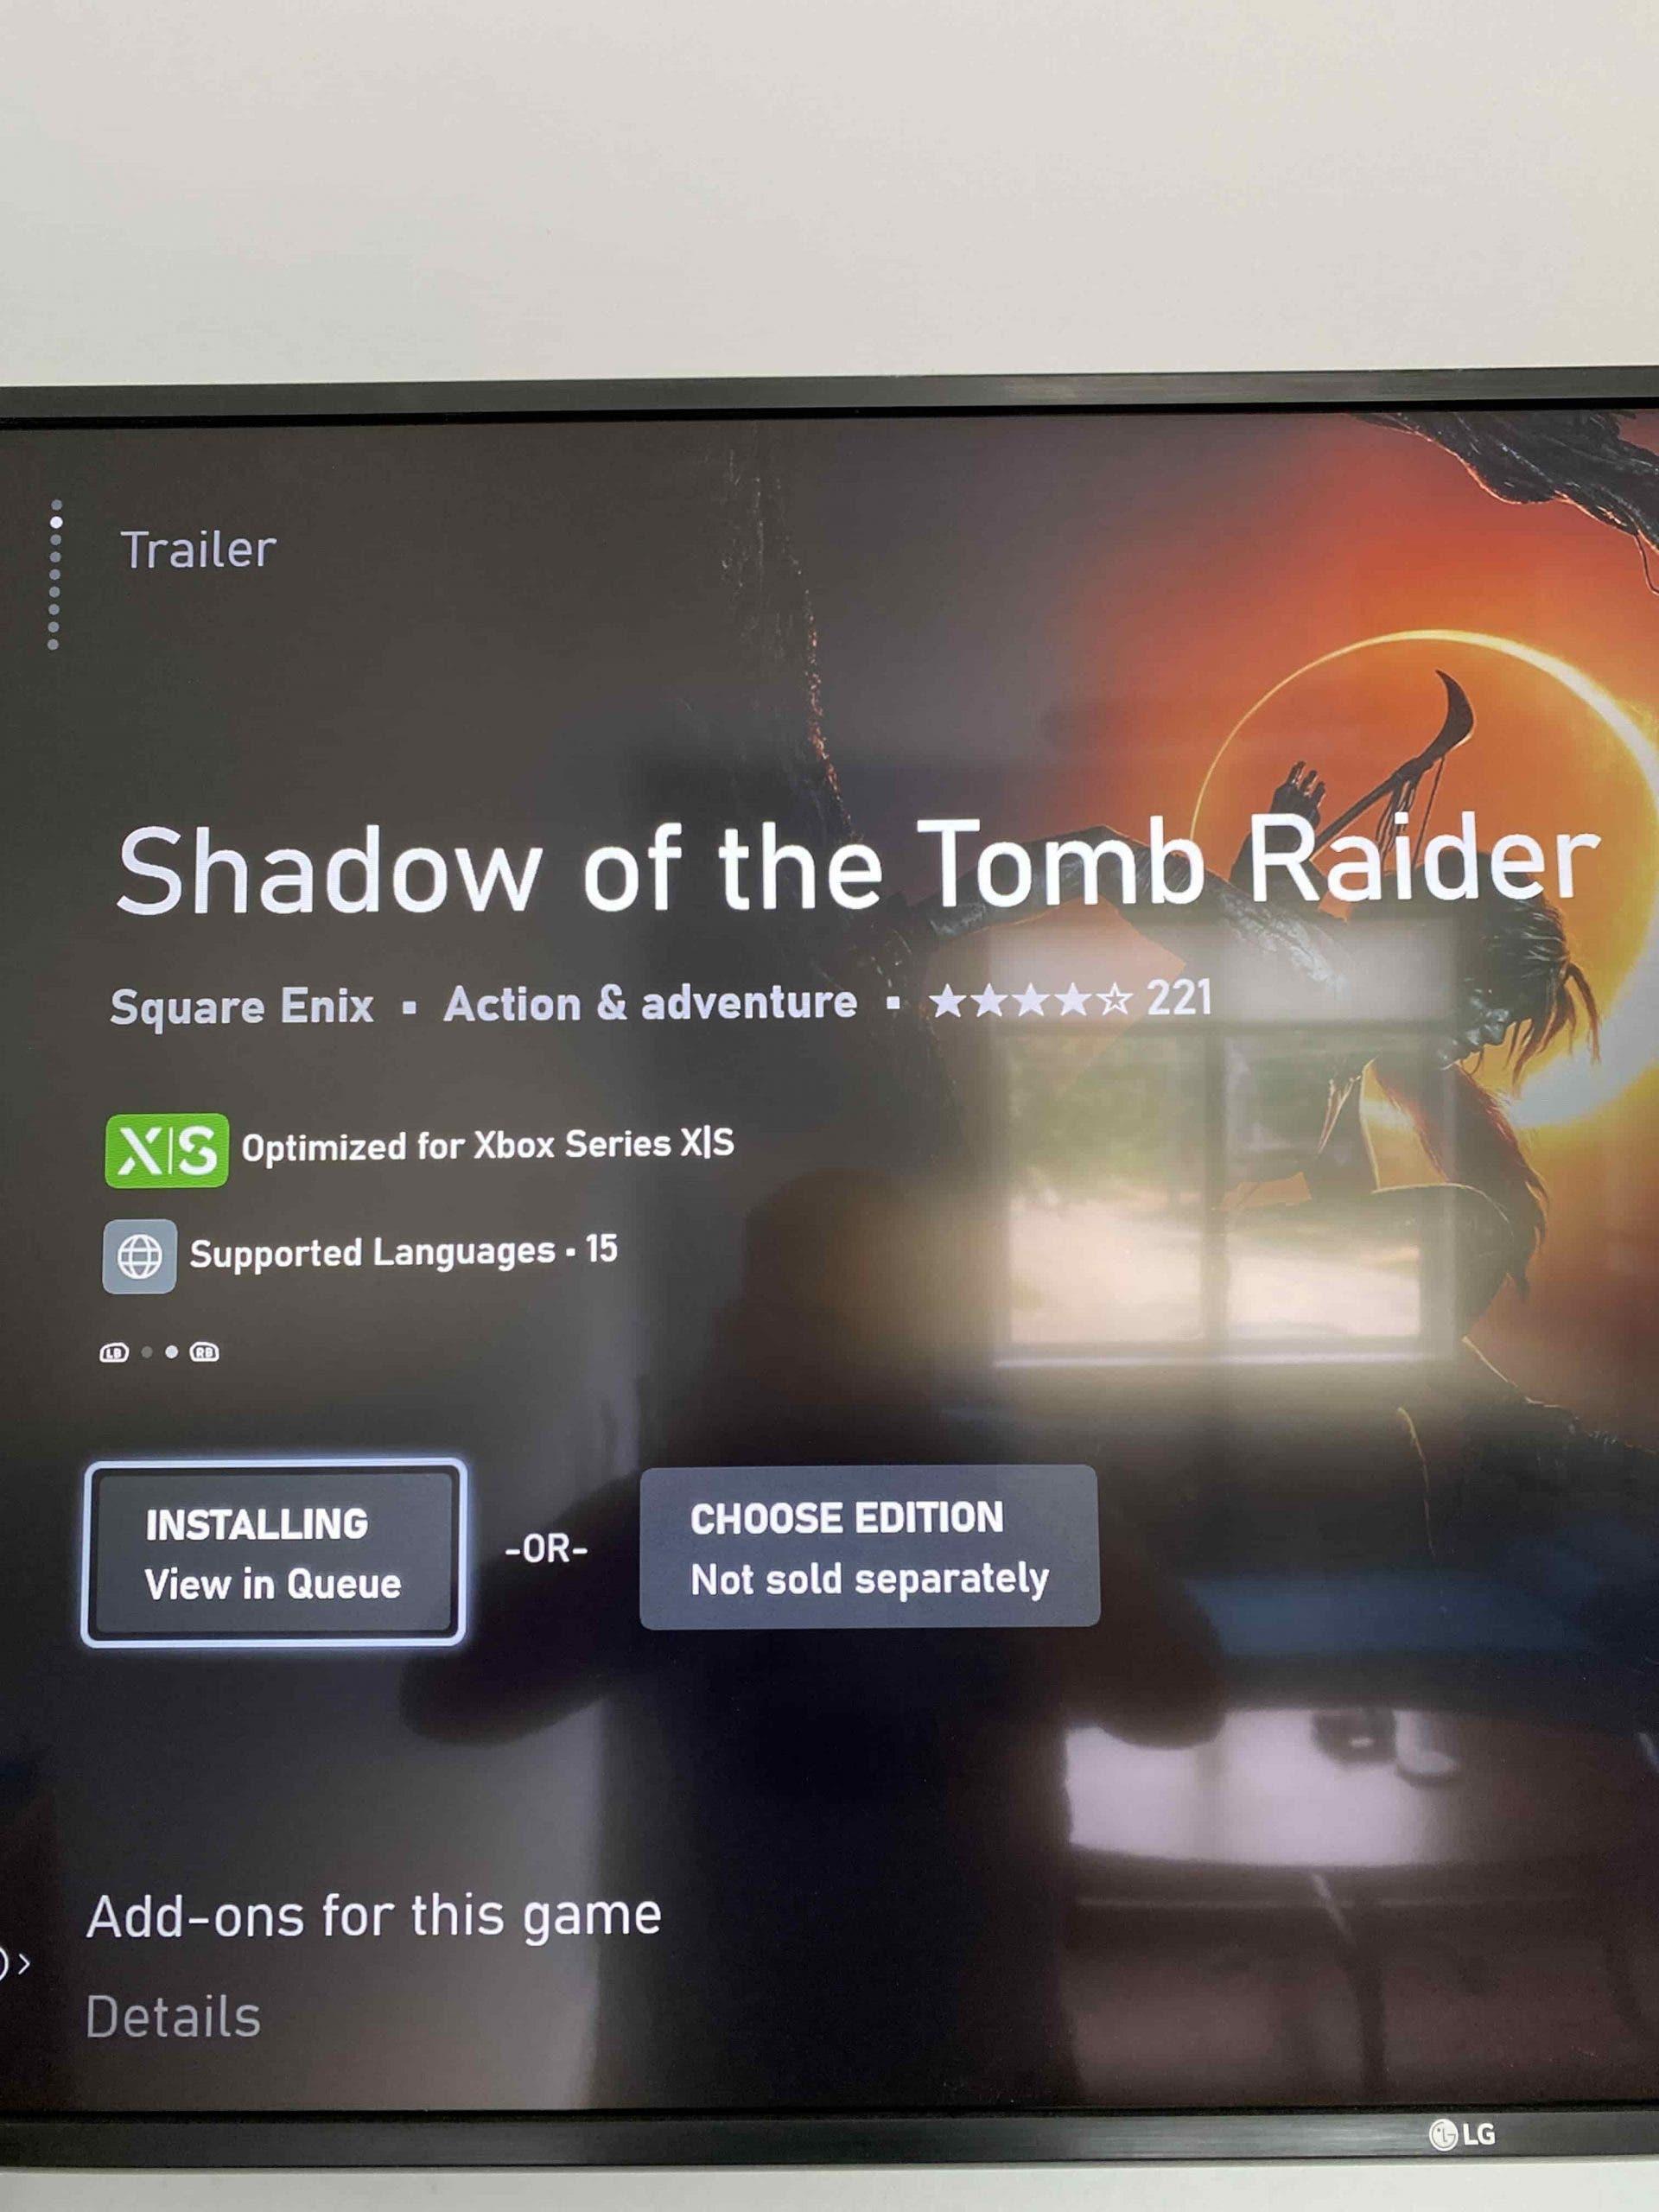 Shadow Of The Tomb Raider tendría una actualización para Xbox Series X|S próximamente 2